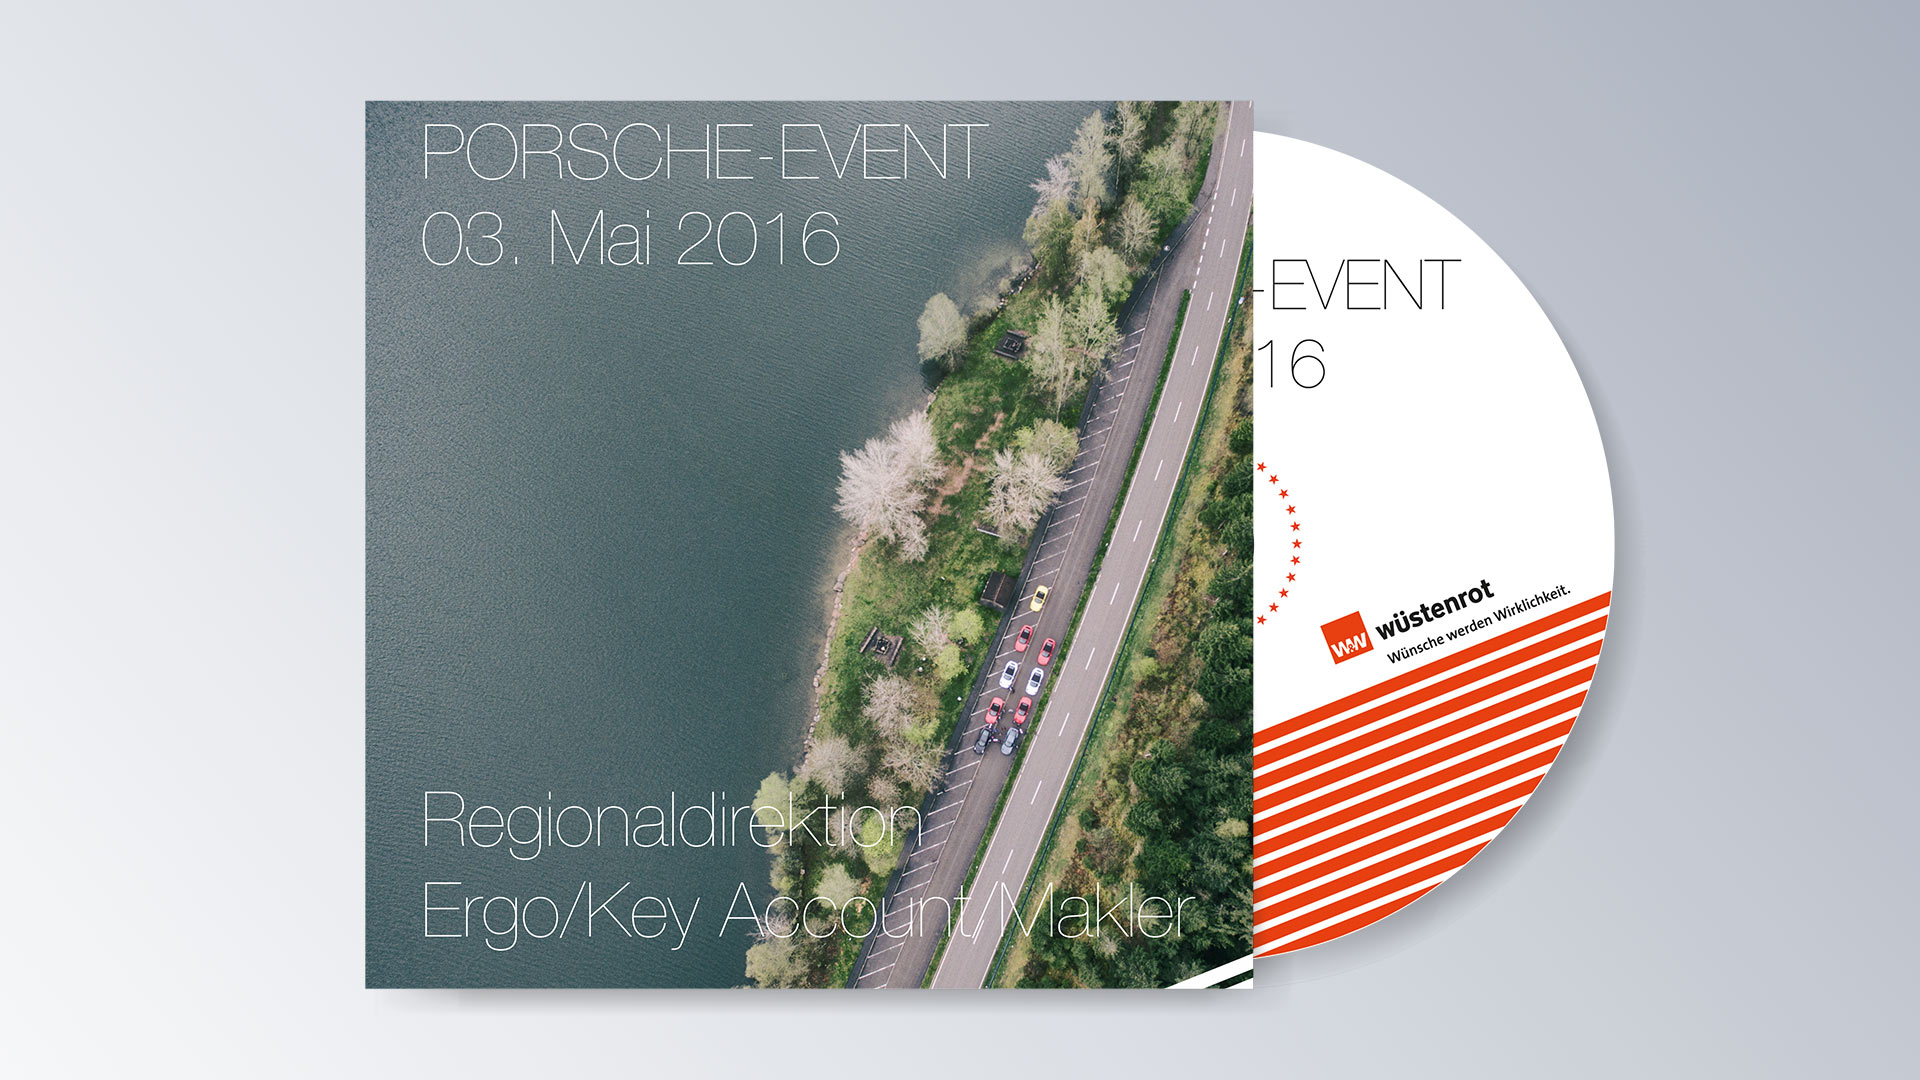 Wüstenrot Porsche Image CD DVD Cover Event